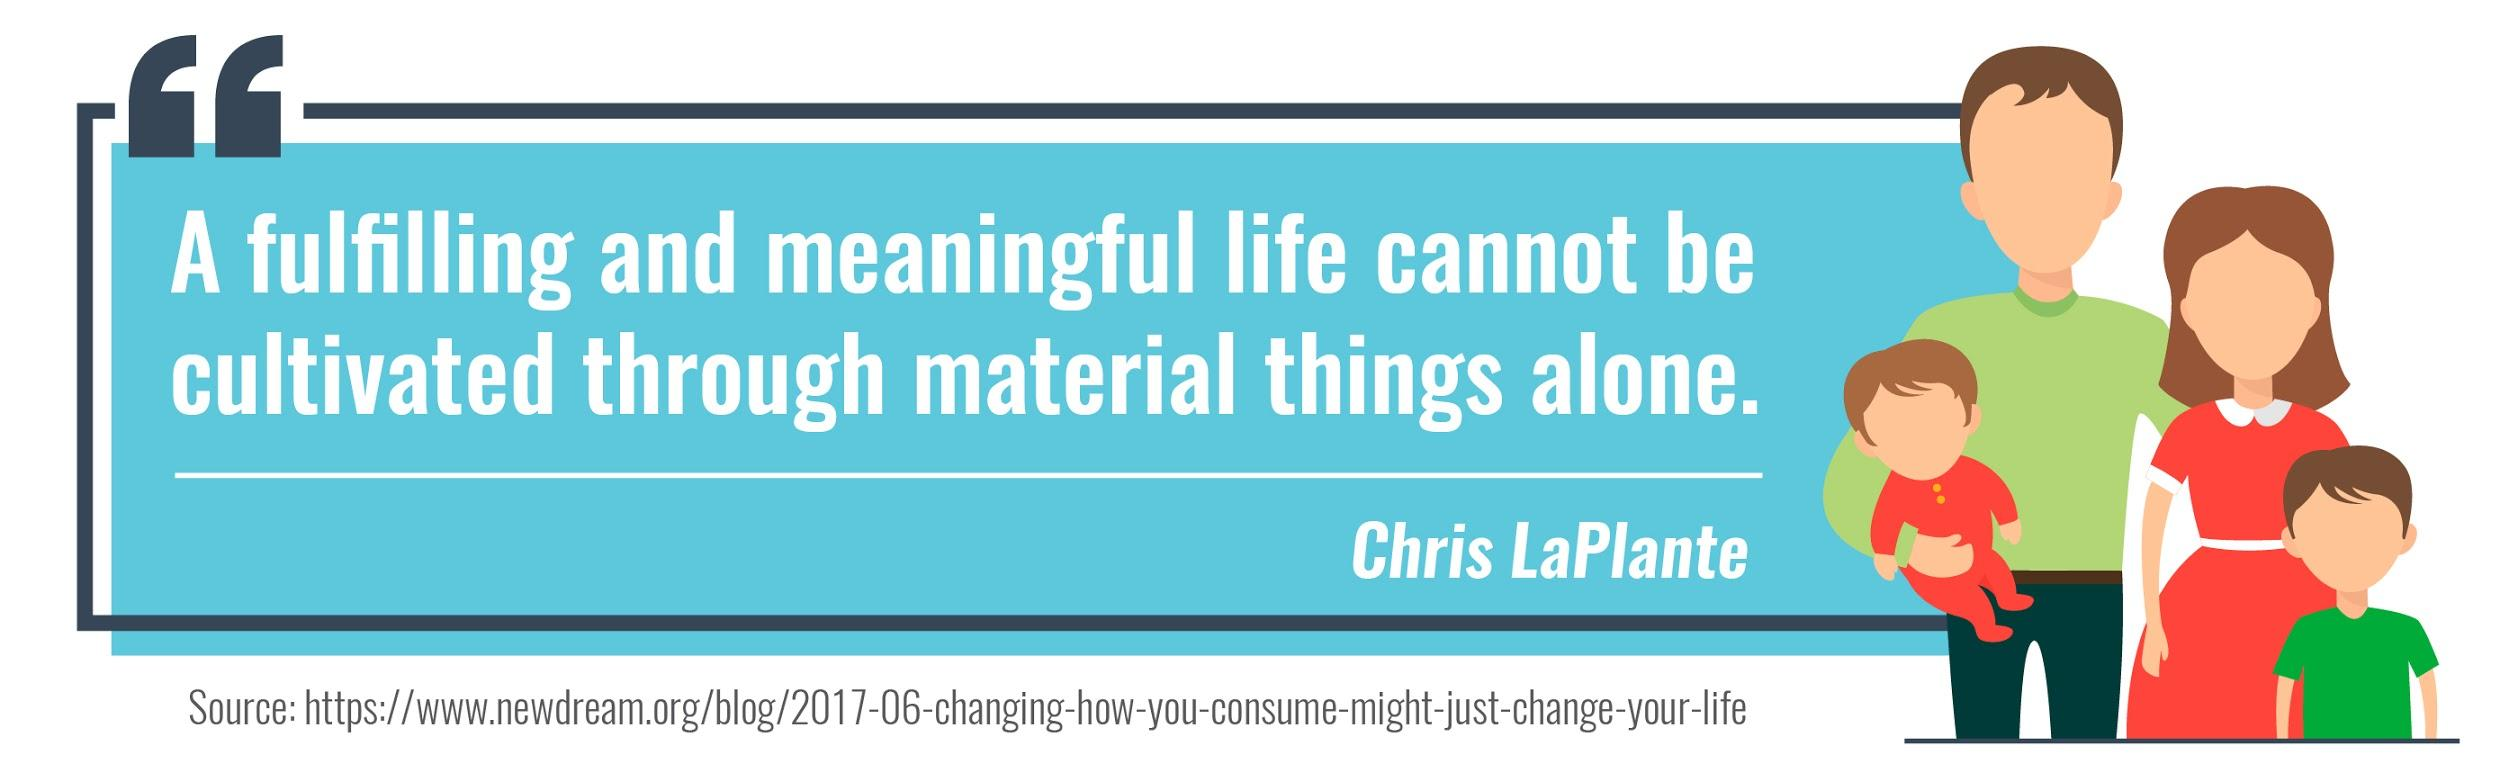 Chris LaPlante quote